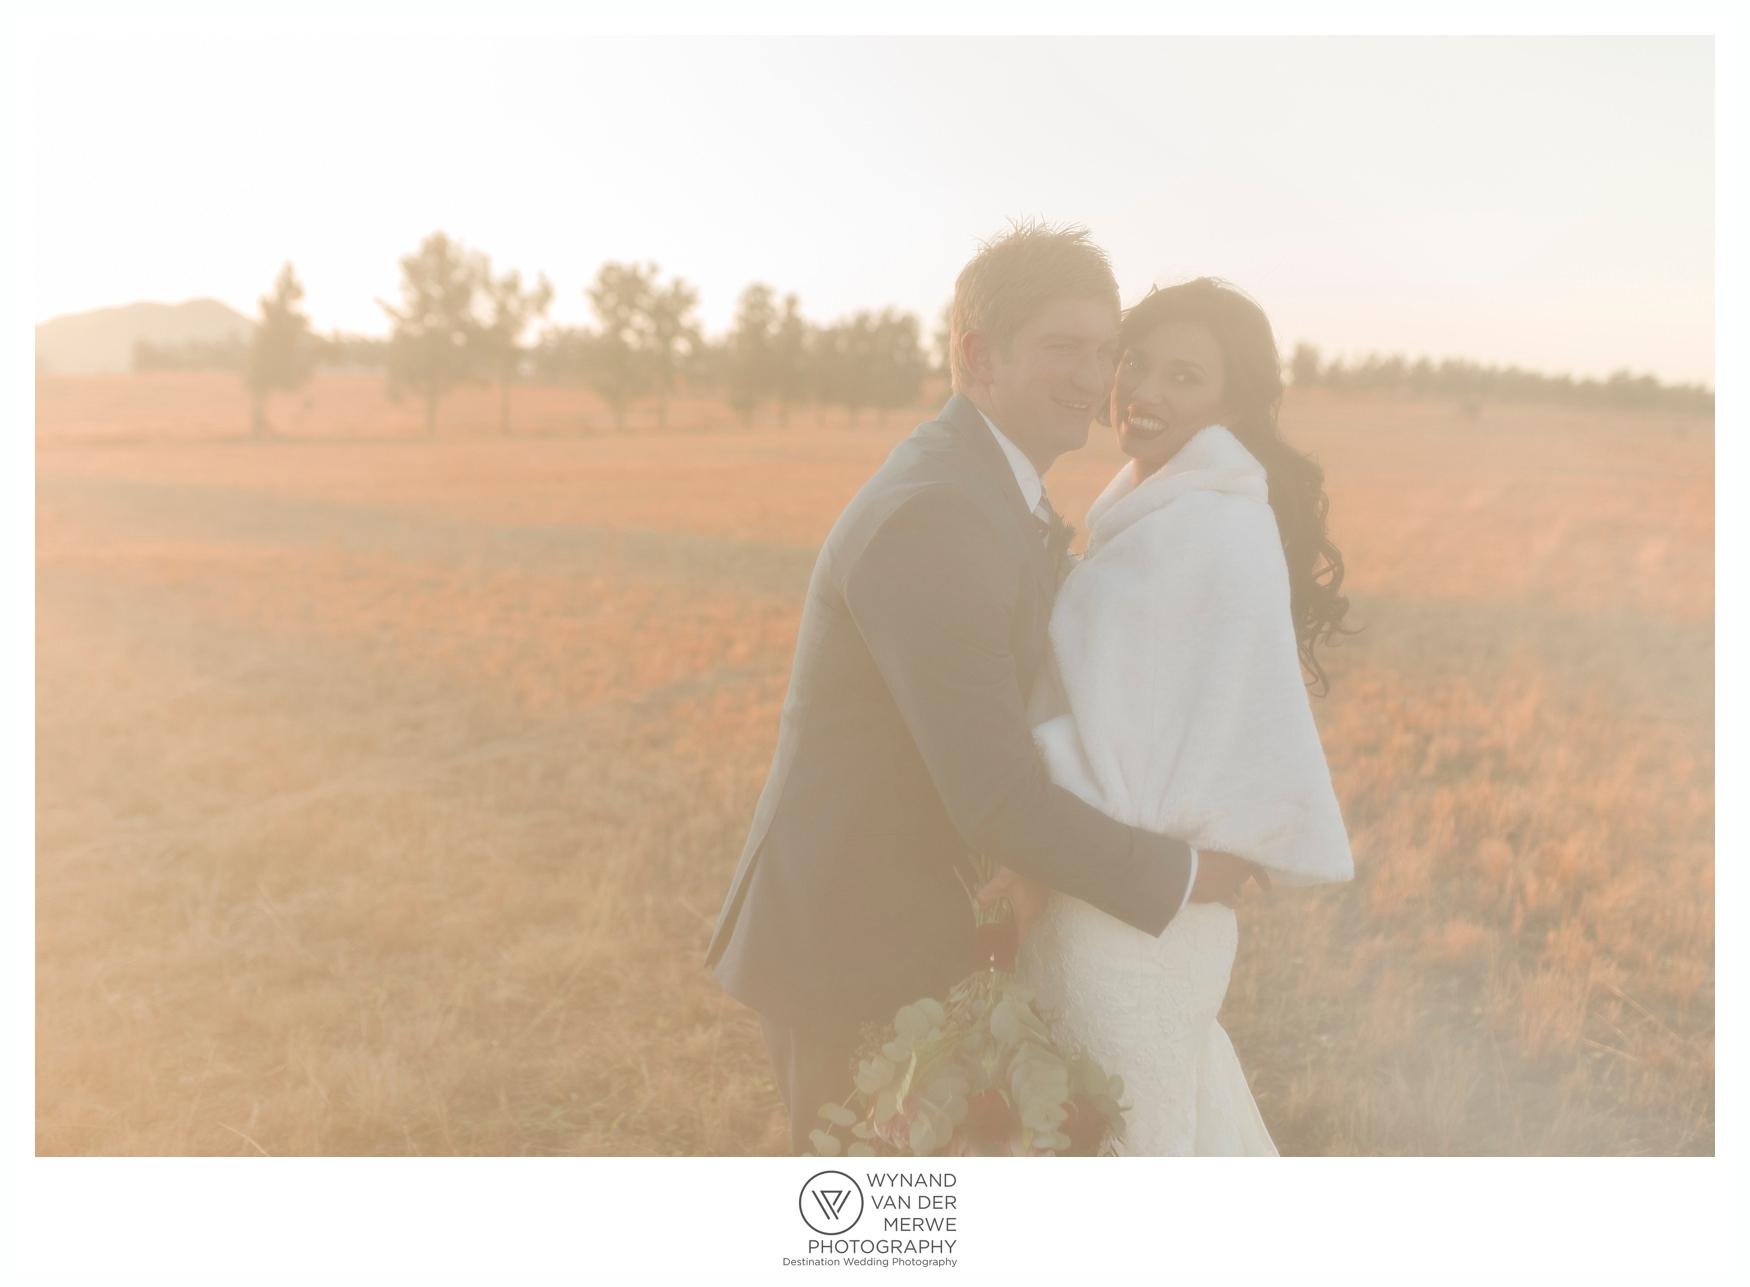 Tertius and Monique's emotional wedding at Memoire Wedding Venue